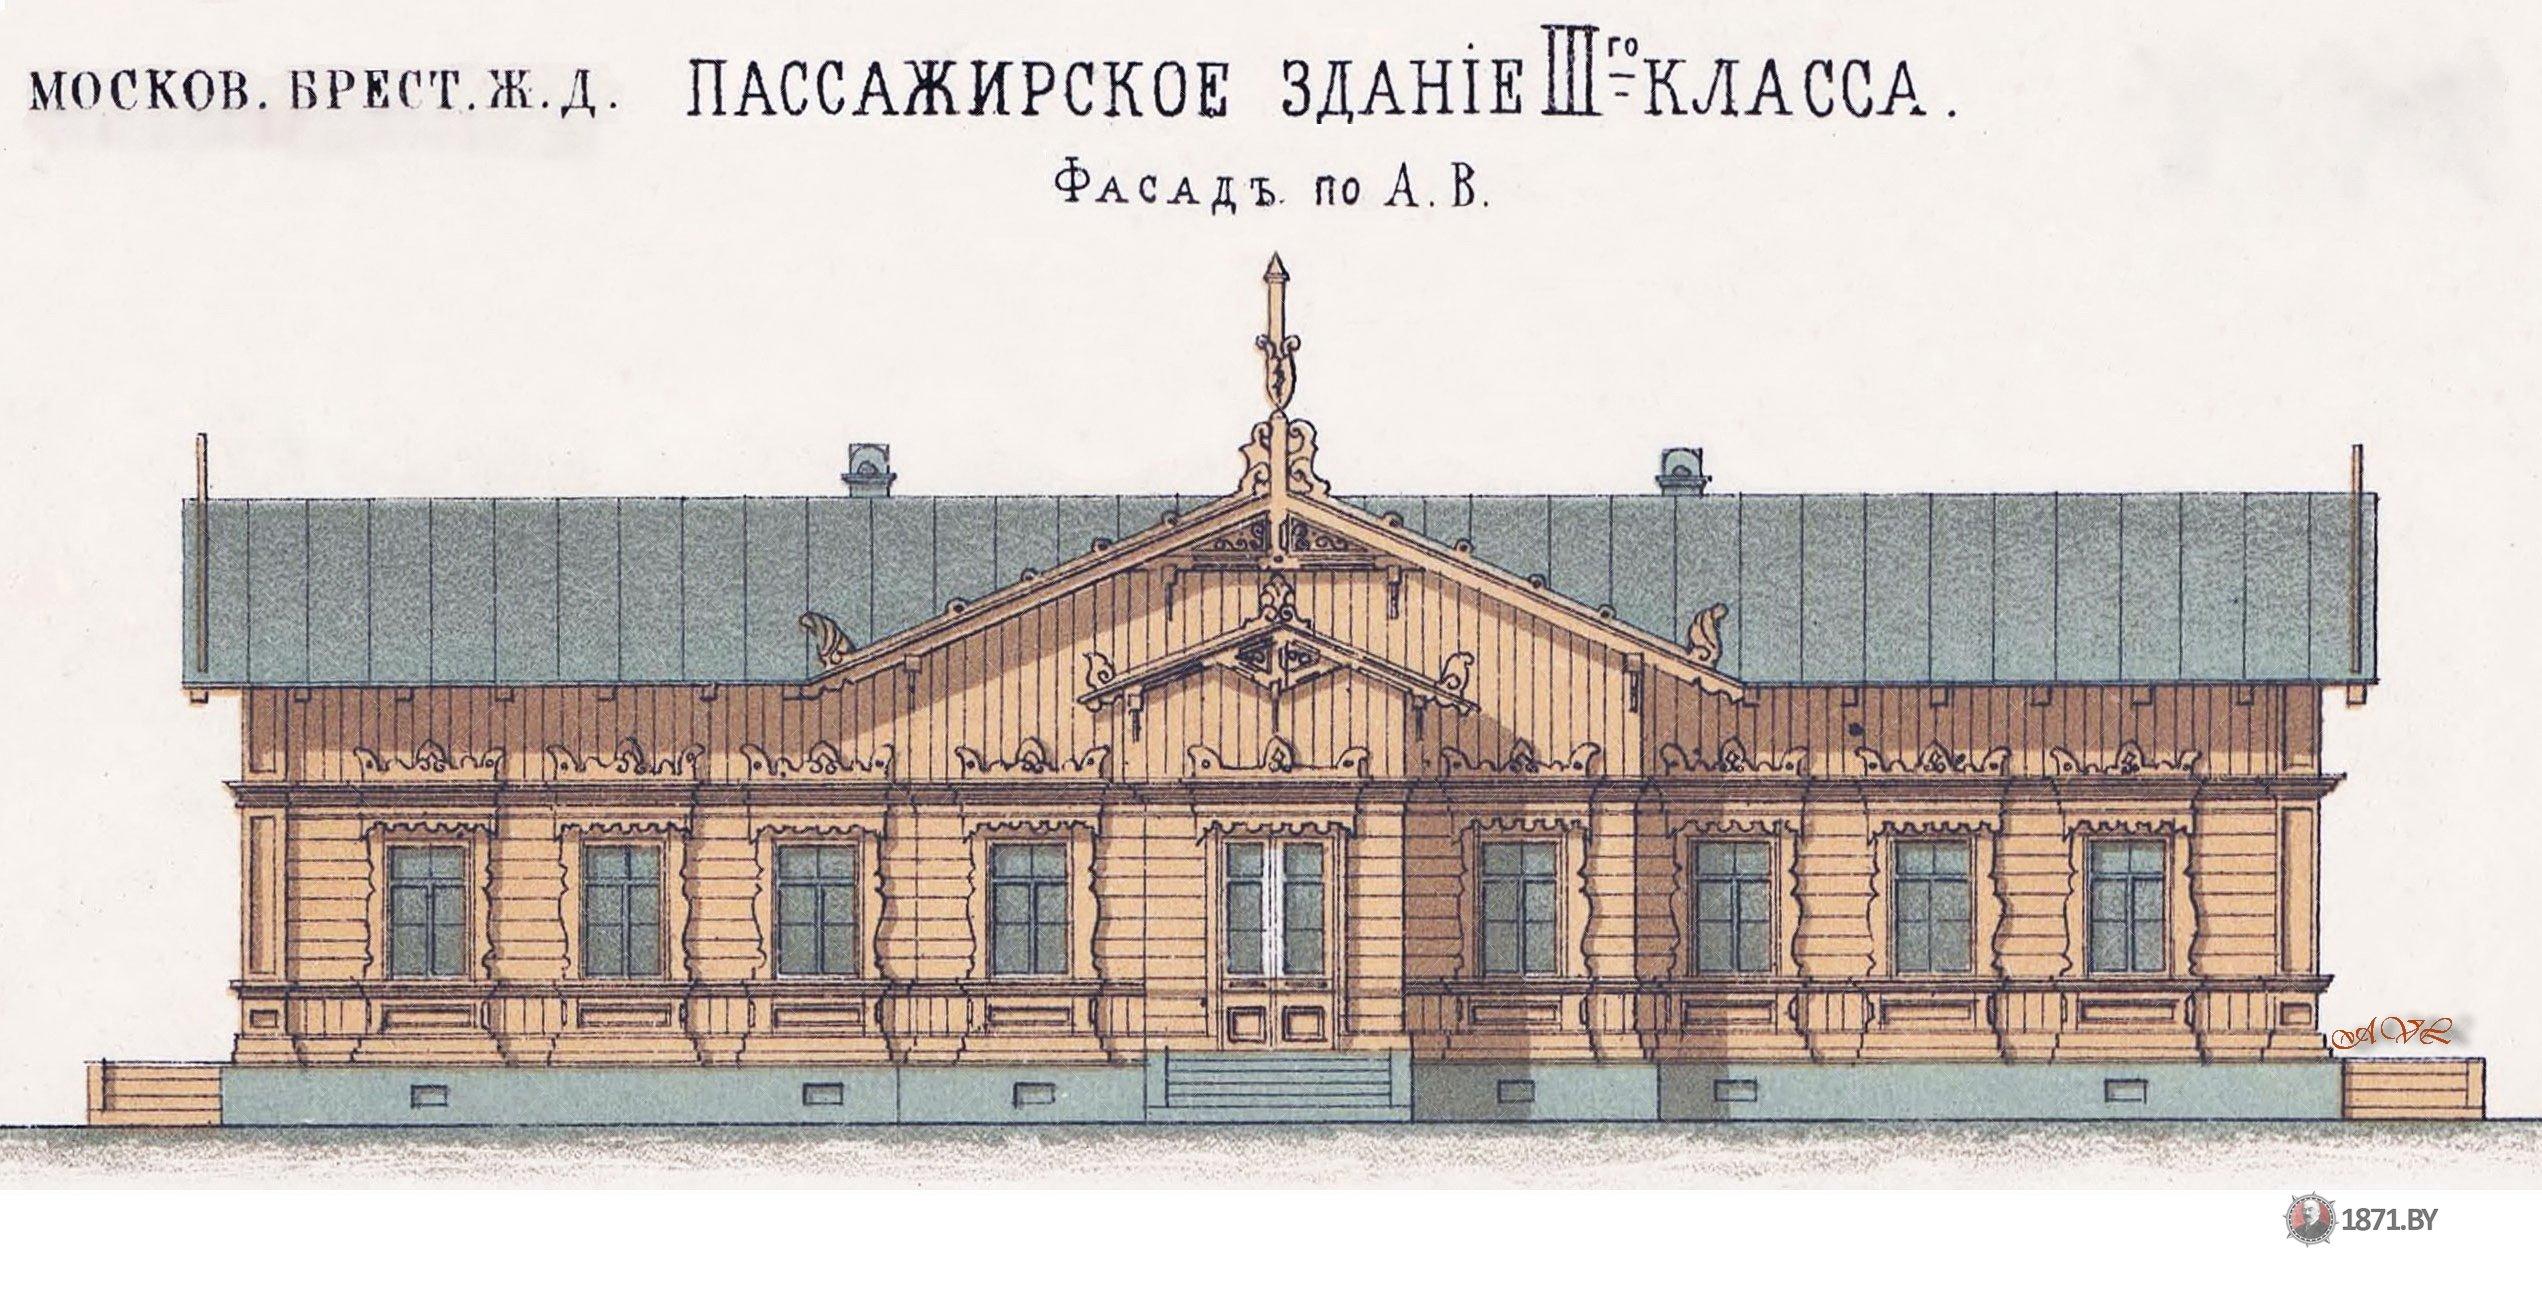 Пассажирское здание III-класса. Фасад по A.B L